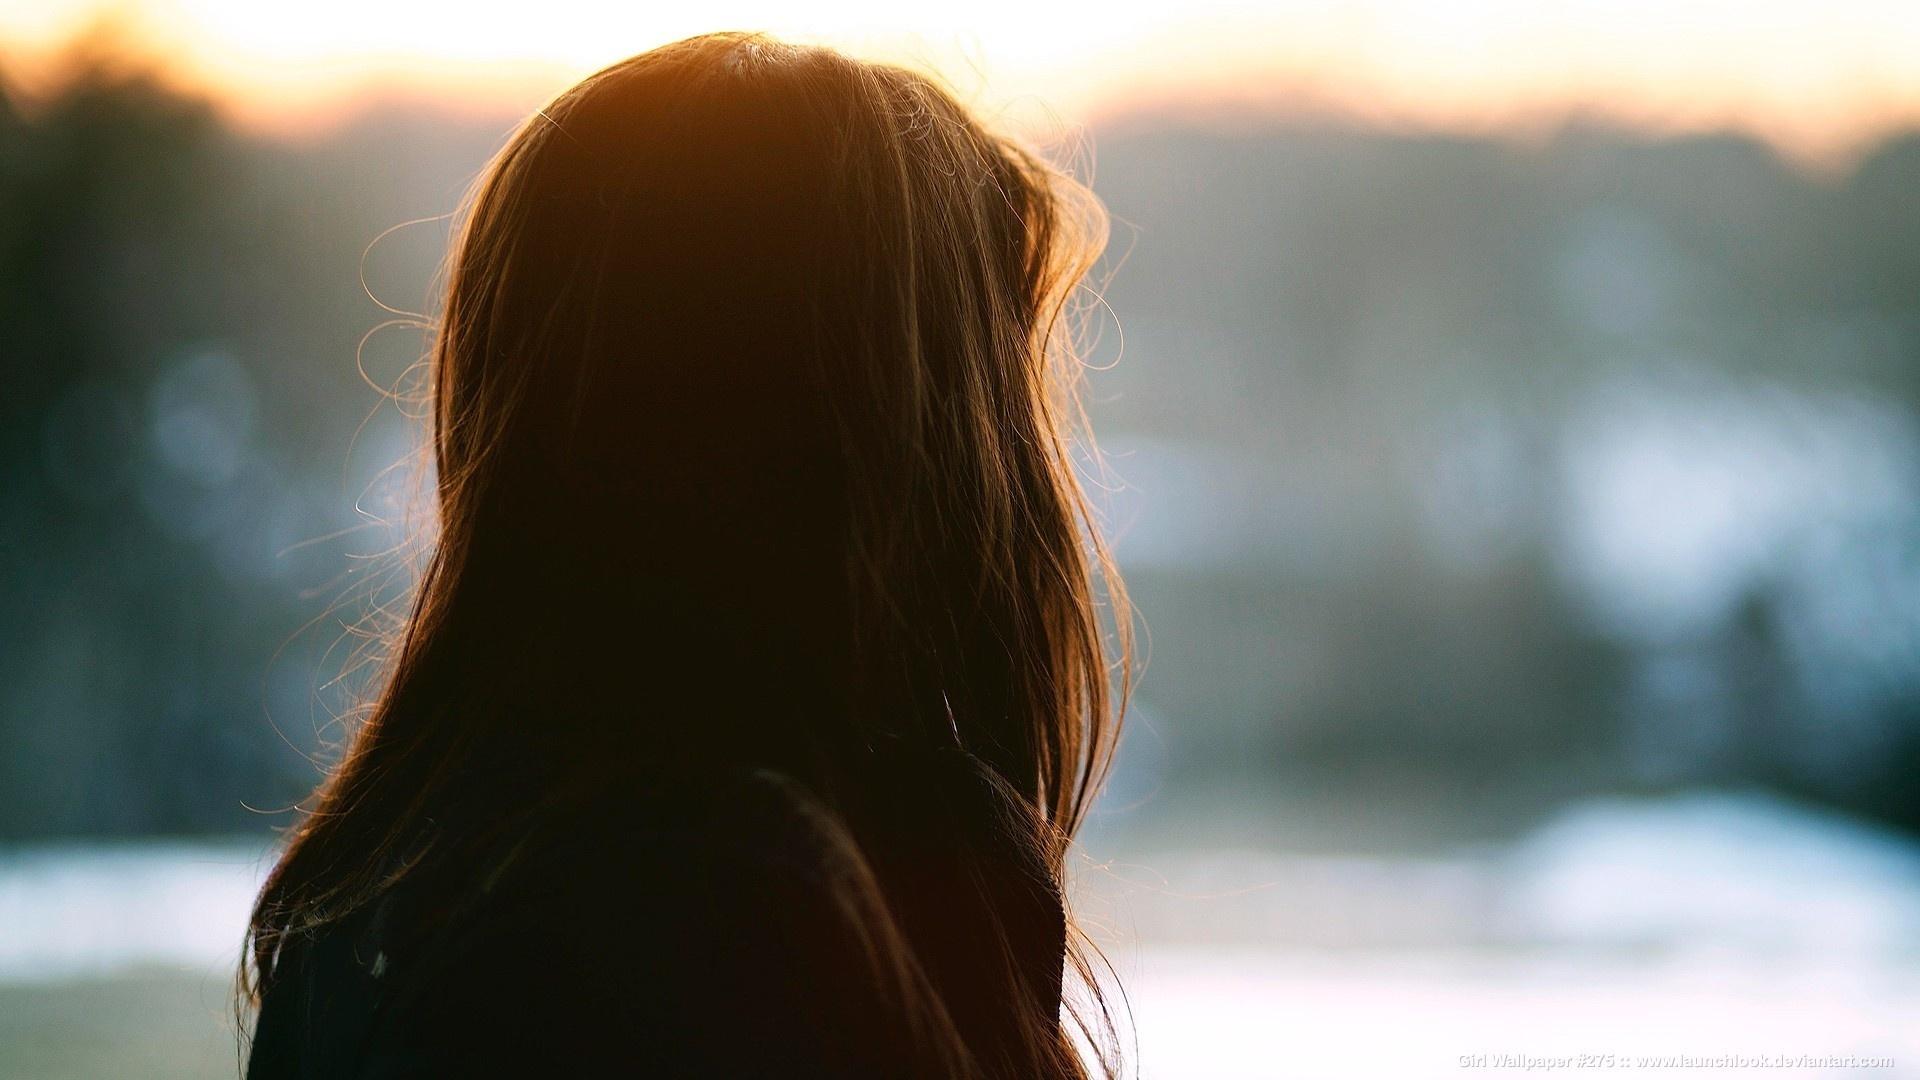 Картинки девушек со спины с темными волосами средней длины